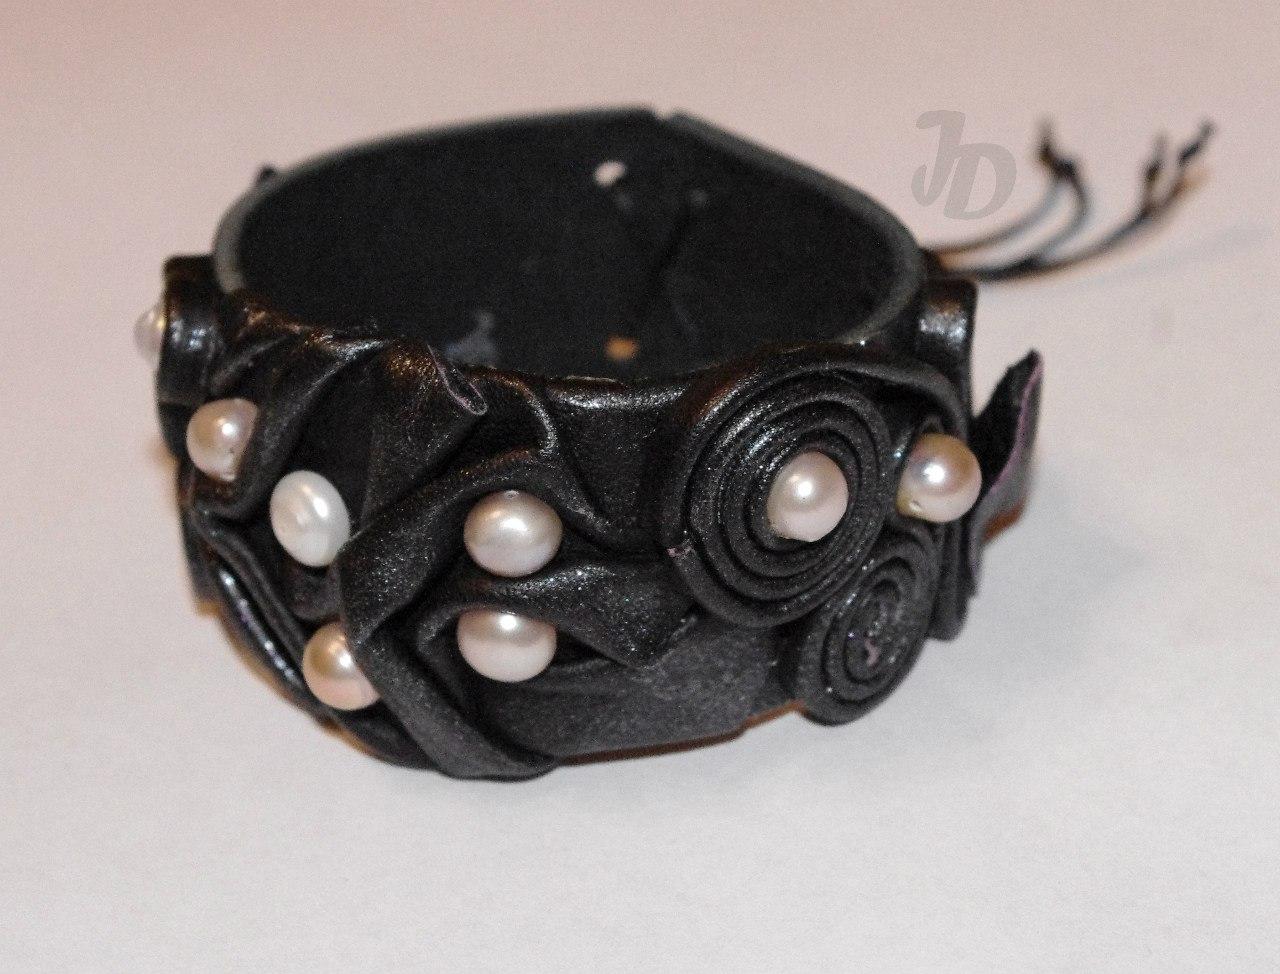 Кожаный браслет №93 - кожа, жемчуг